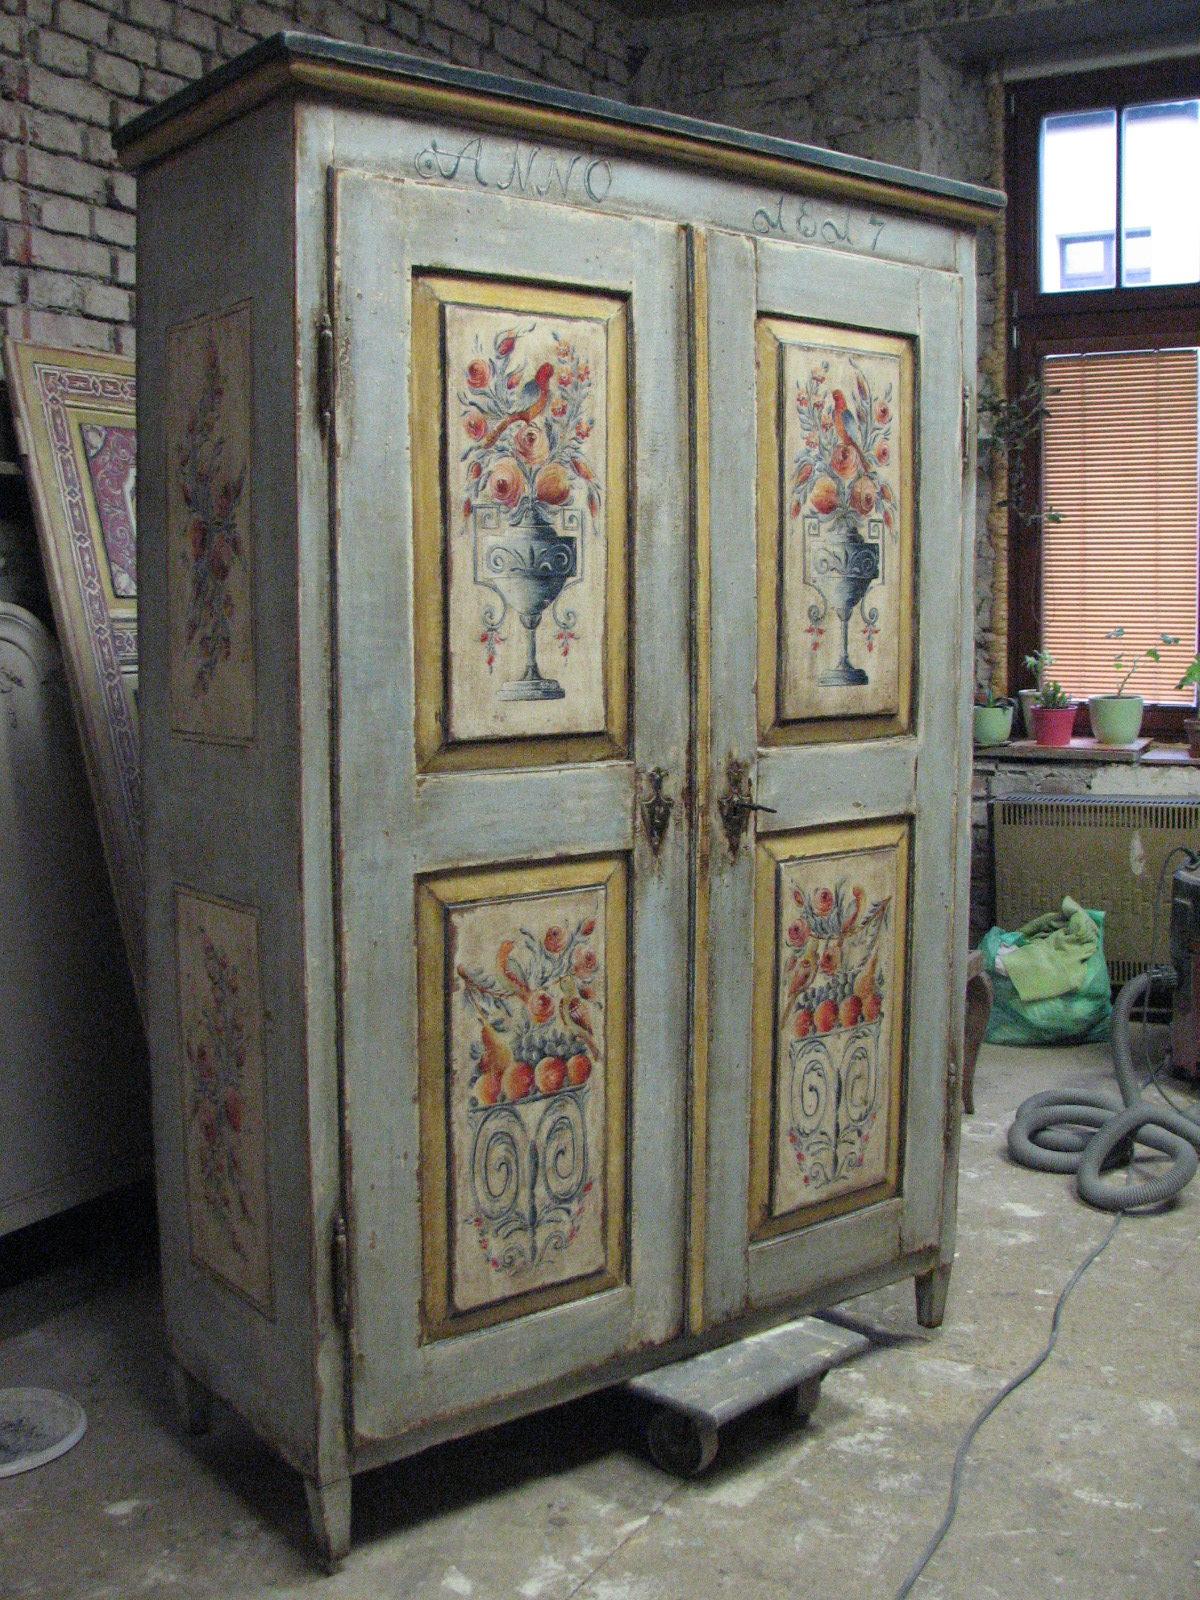 Šedomodrá malovaná selská skříň s motivem květin ve váze 3